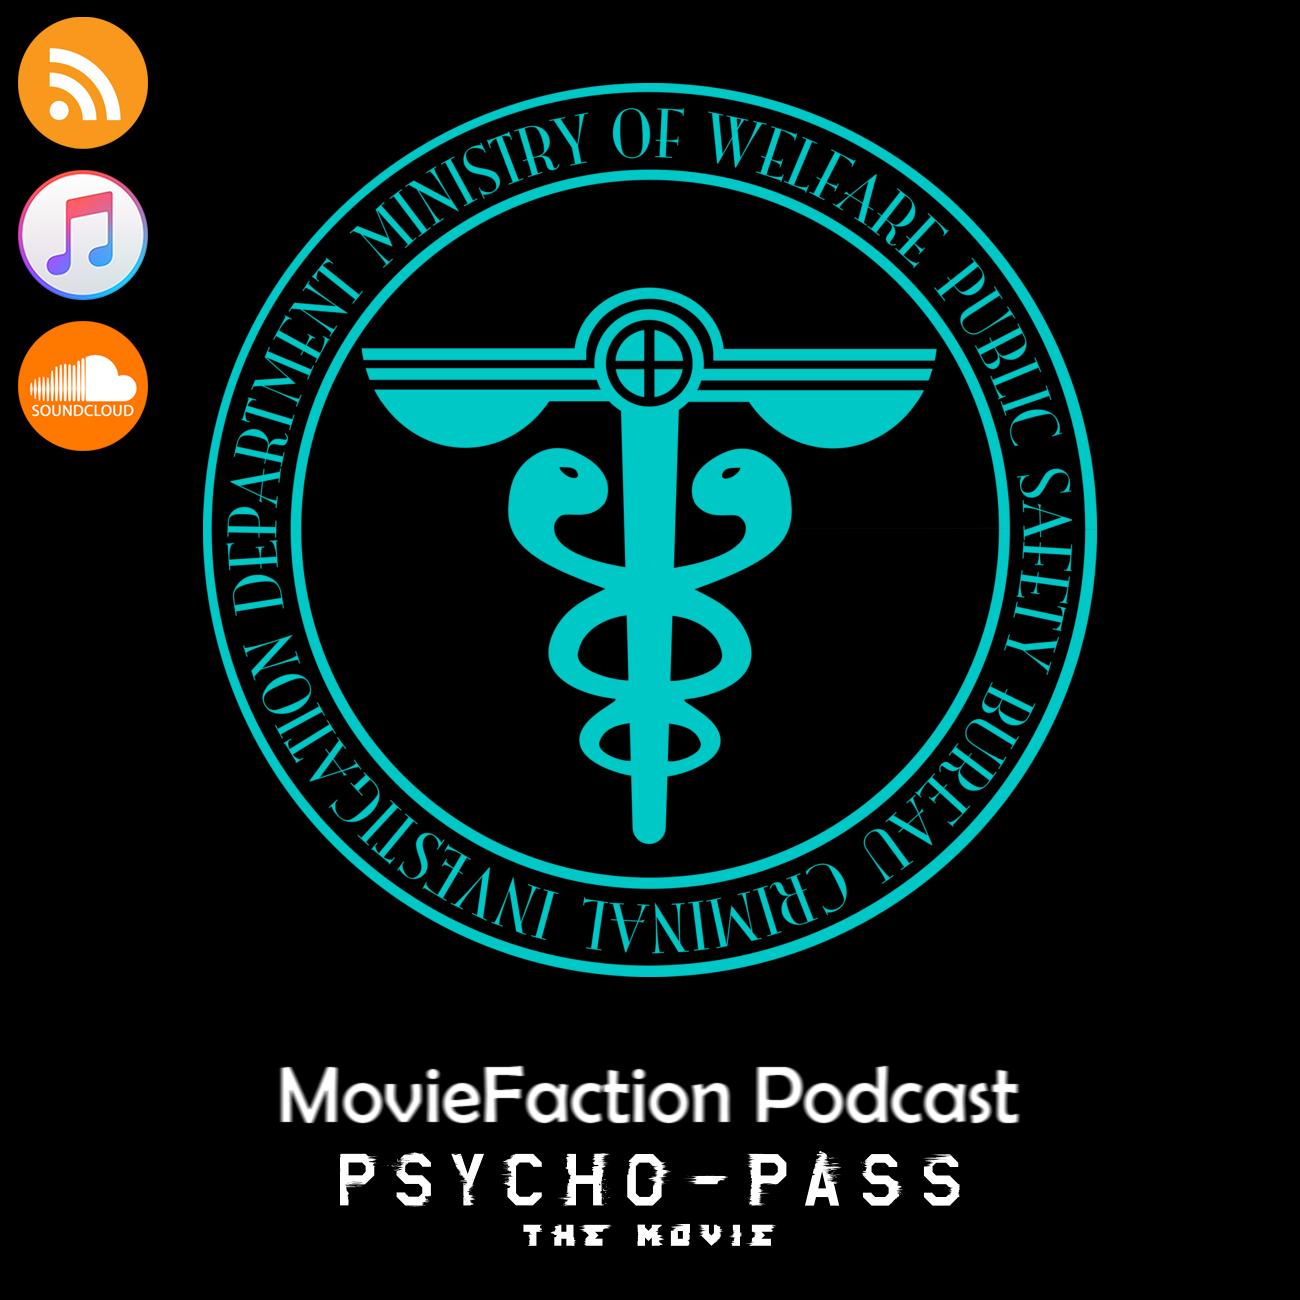 Moviefaction Podcast Moviefaction Podcast Psycho Pass The Movie